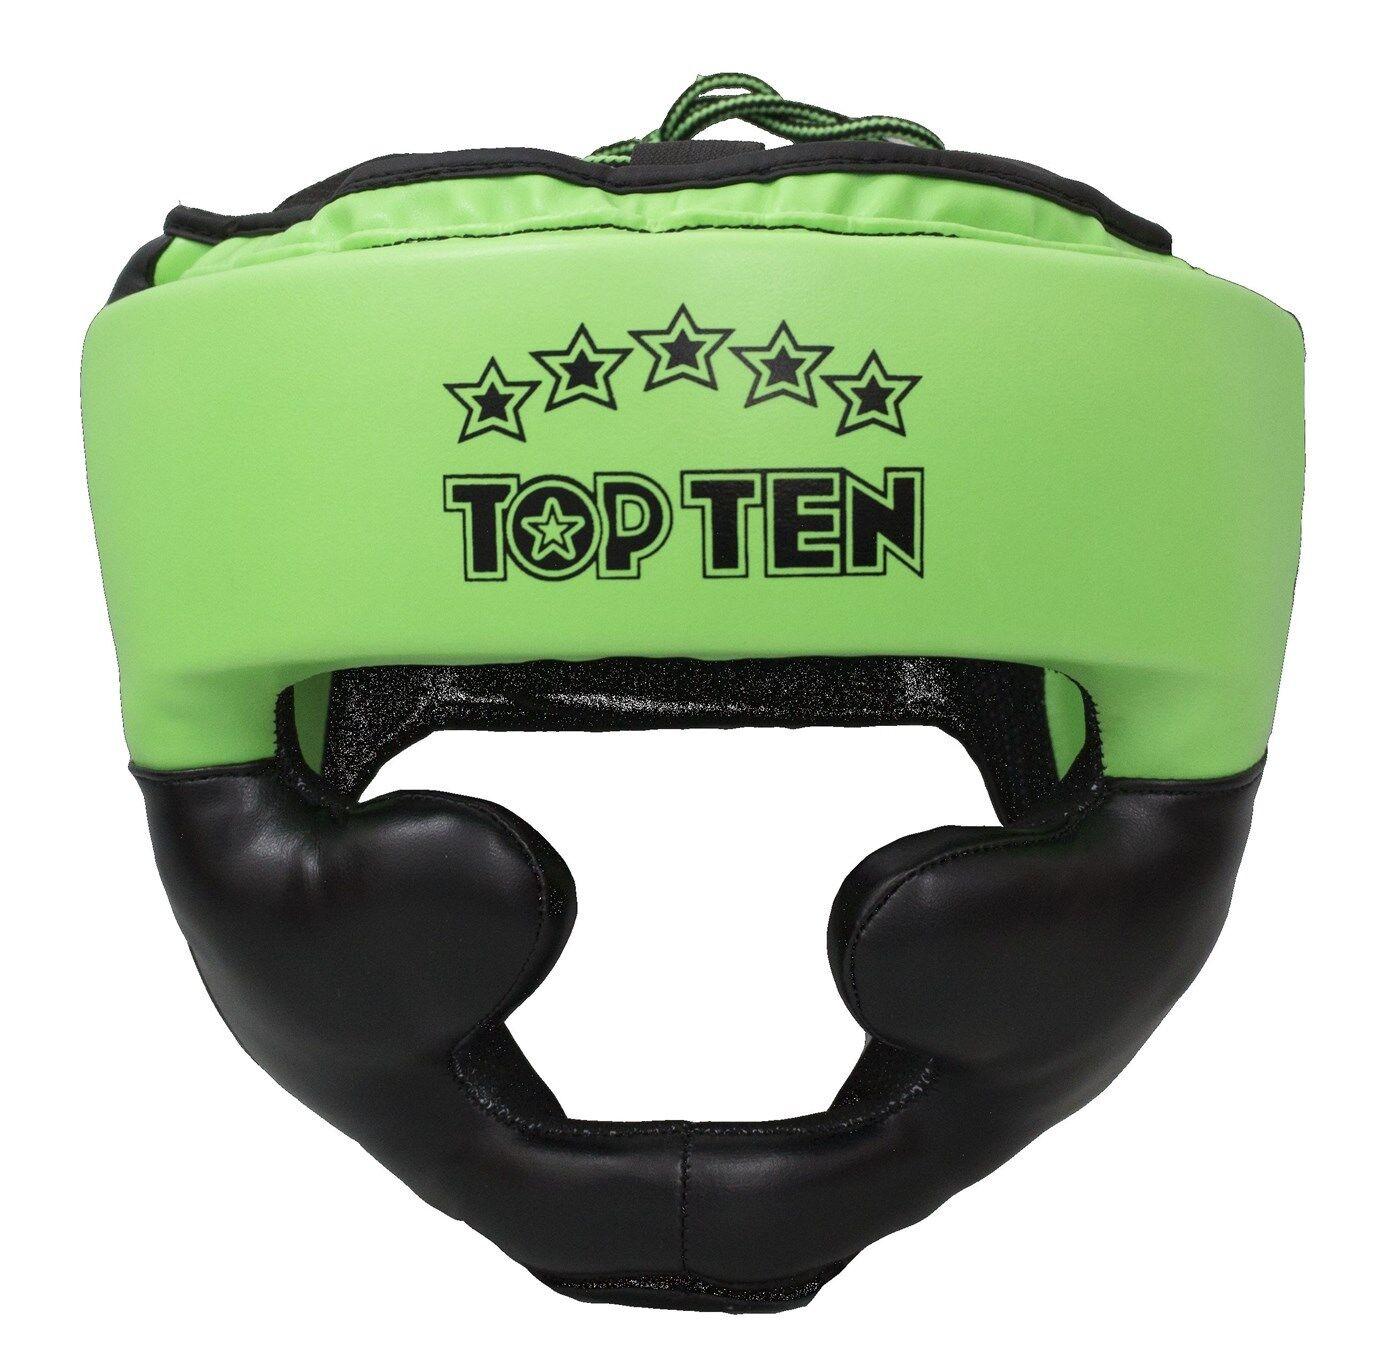 Kopfschutz TOP TEN  Eco R2M Line    NEON ver. Größen und Farben Boxen Muay Thai 612145